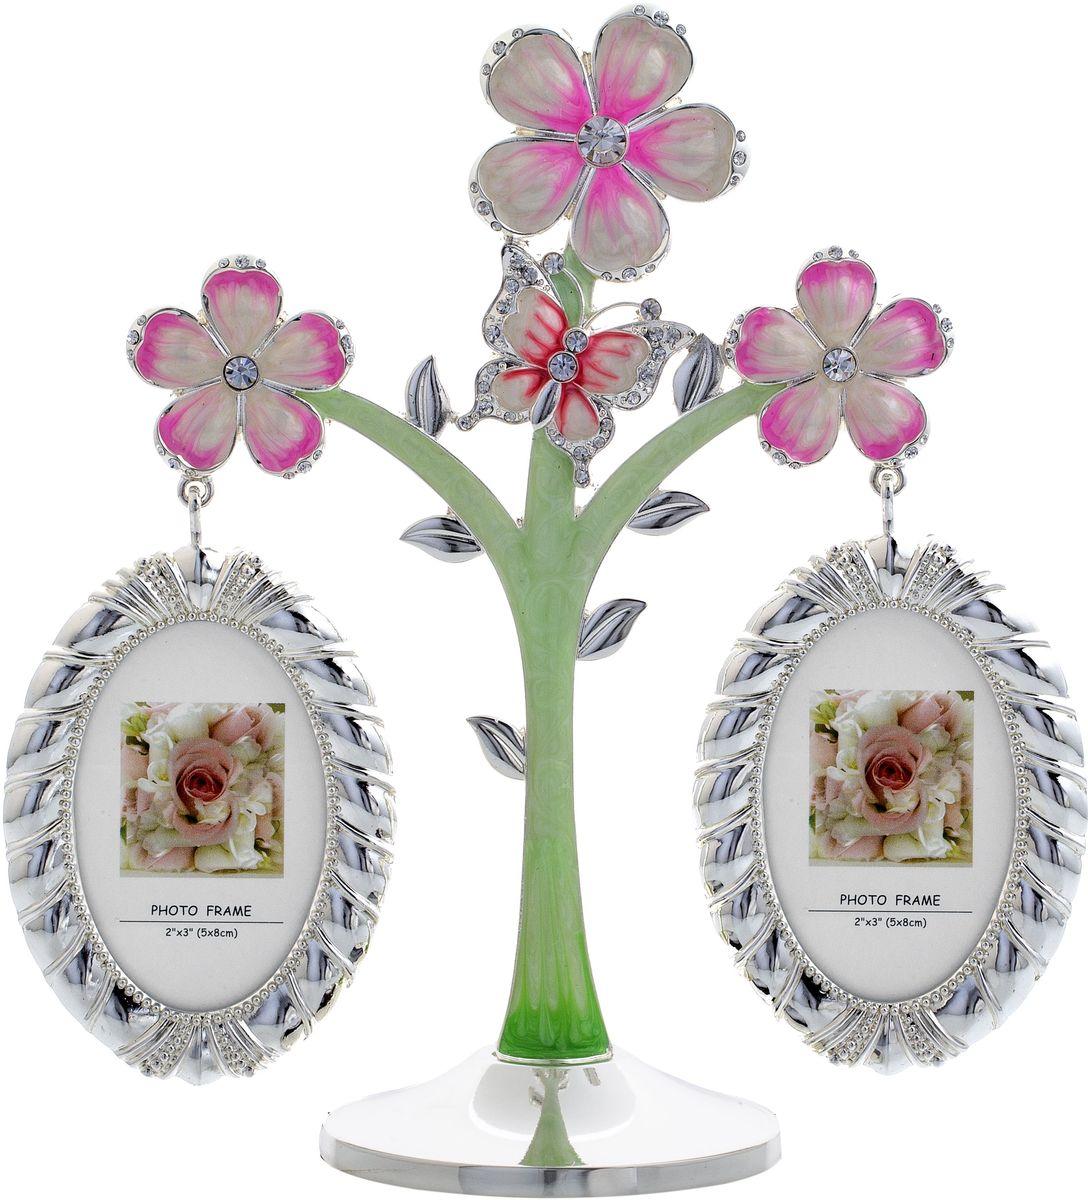 Фоторамка декоративная Platinum Дерево. Цветы и бабочки, на 2 фото, высота 20 см. PF111862 фоторамки на дереве PF11186Родословное дерево с цветами и бабочкой с фото 5x8 см.